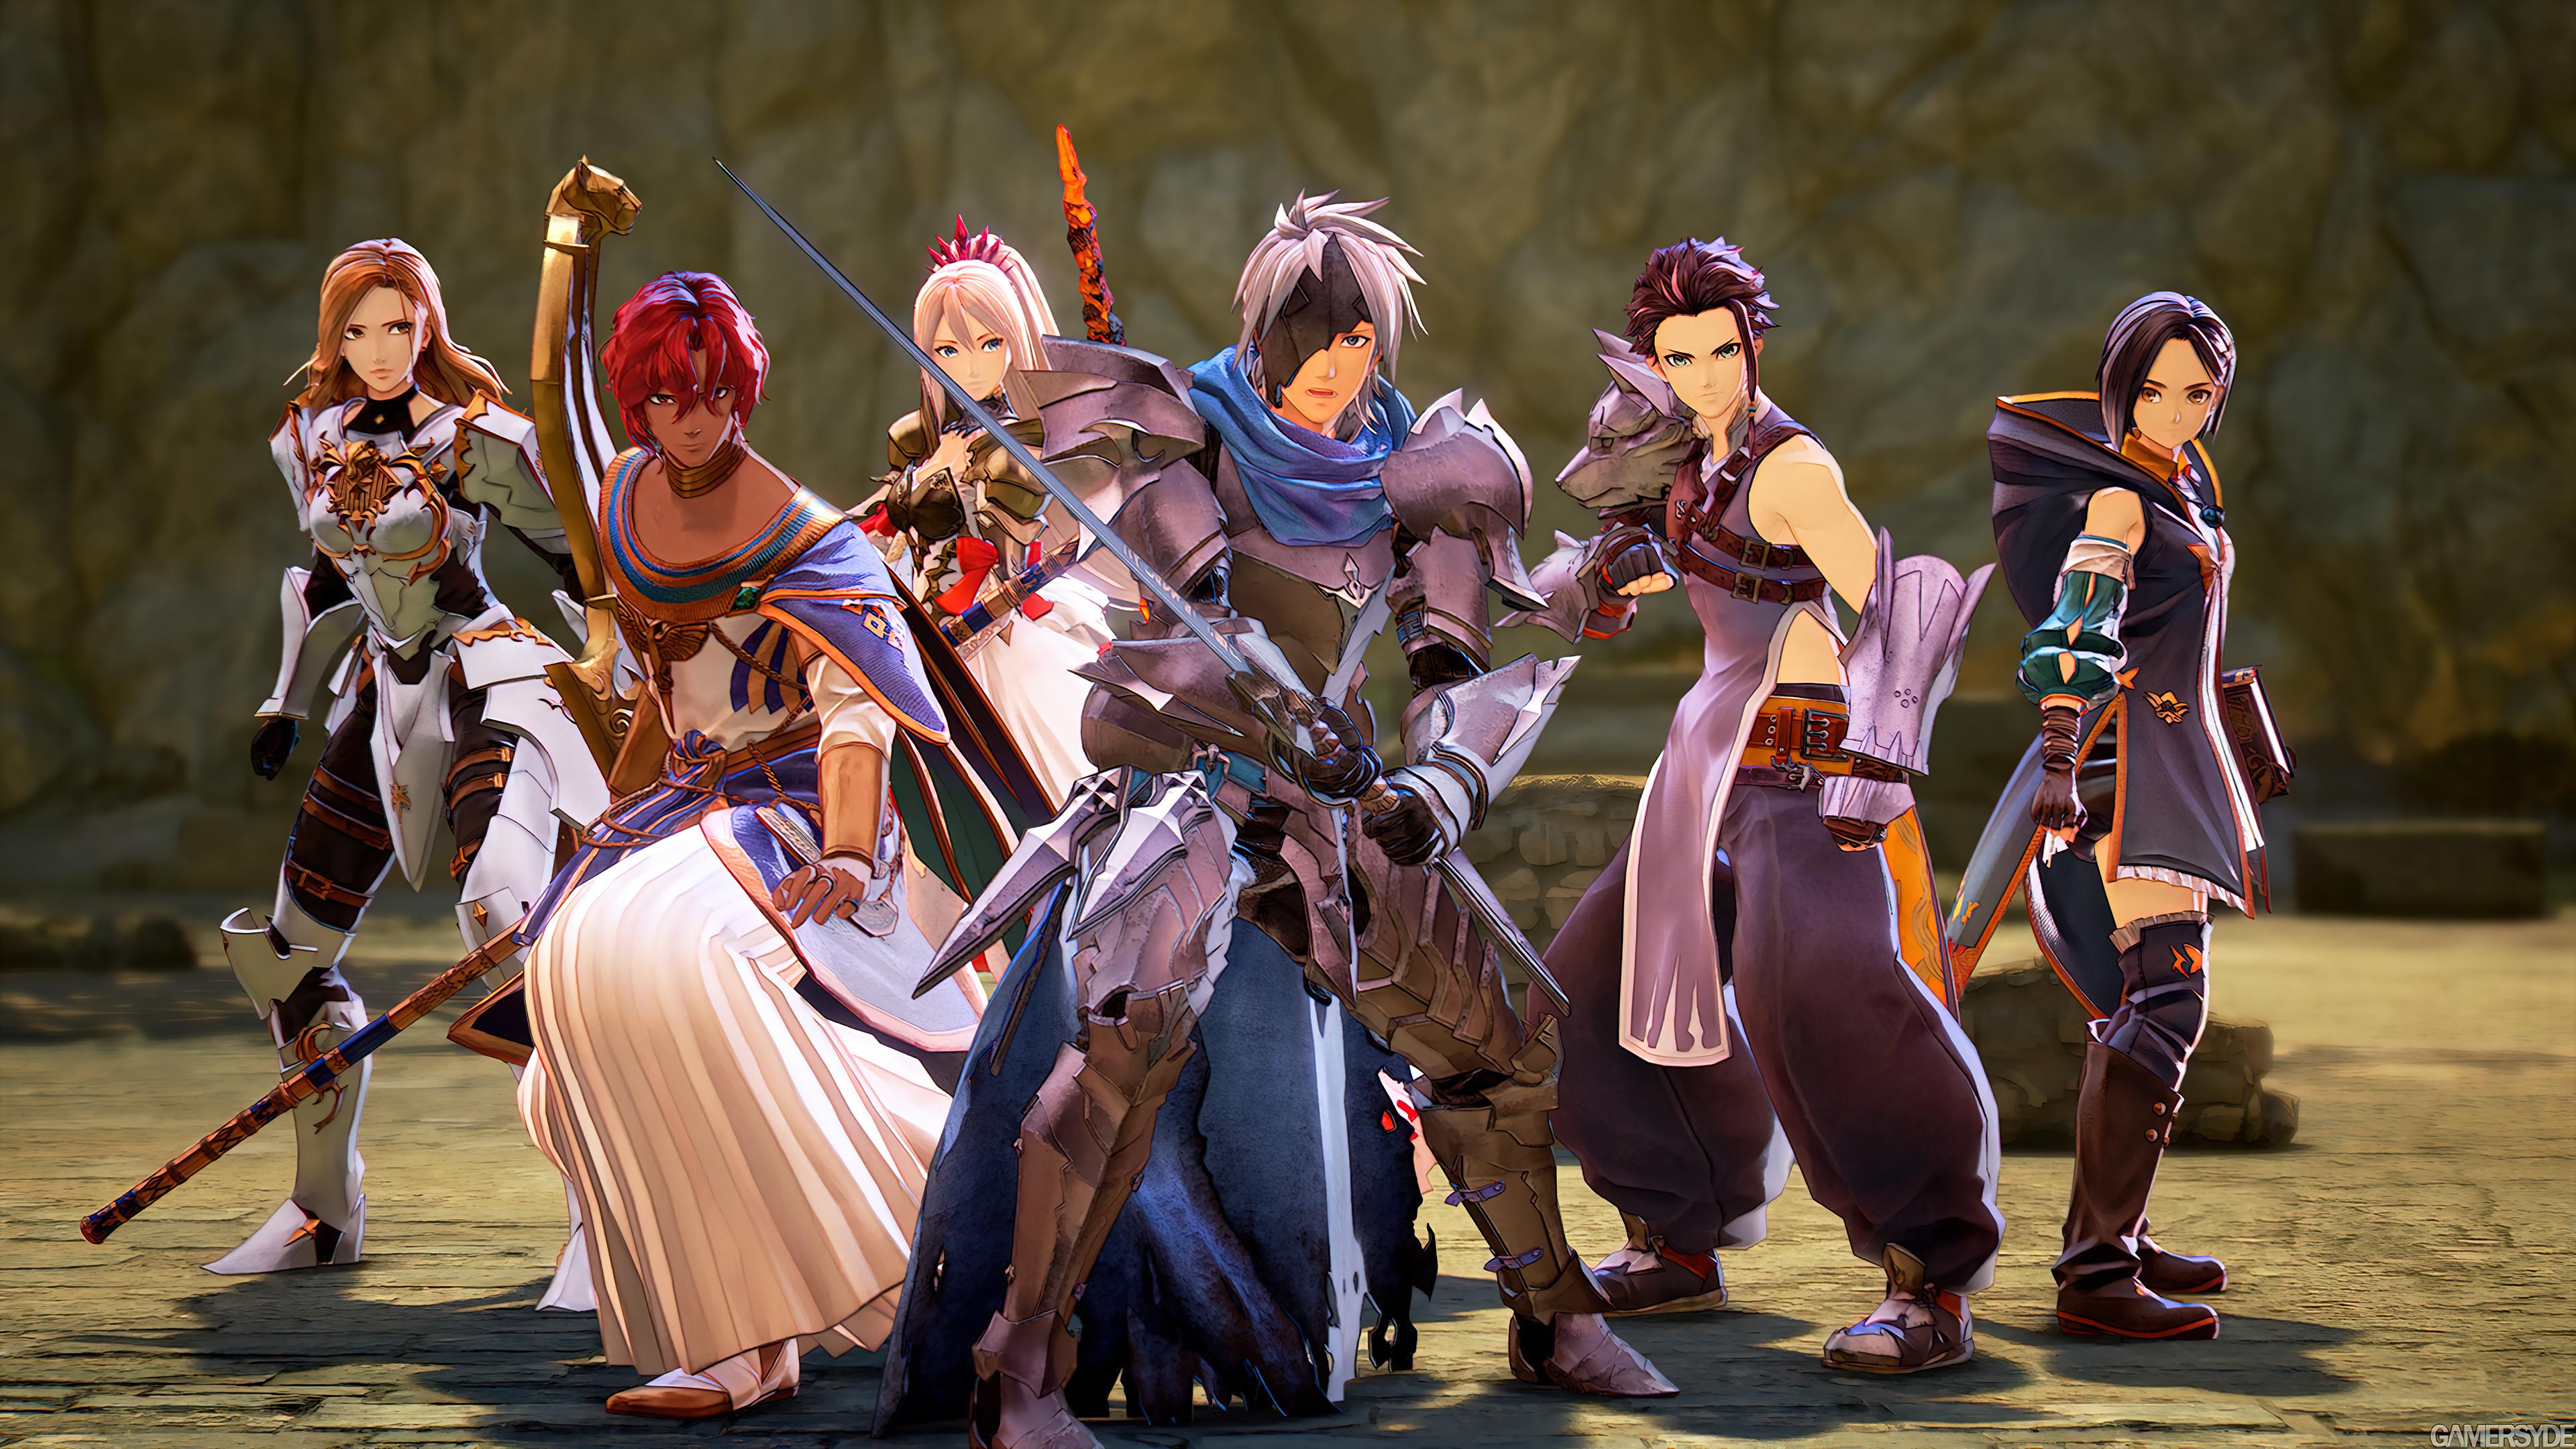 Fondos de pantalla Todos los personajes de Tales of Arise